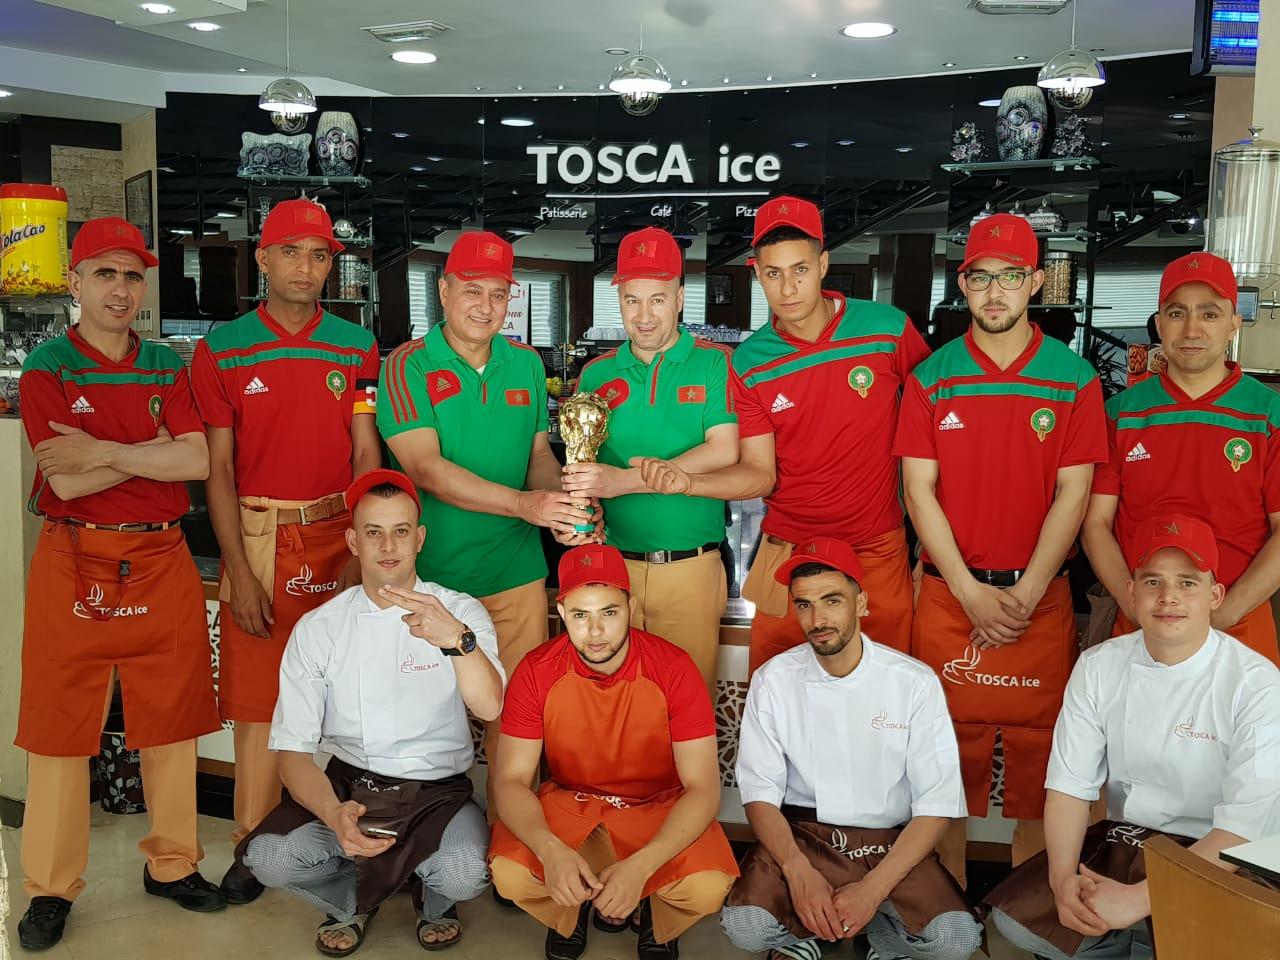 """مقهى """"TOSCA ICE"""" افضل مكان لمشاهدة مباريات المنتخب و كأس العالم بالناظور لهذا السبب؟؟"""